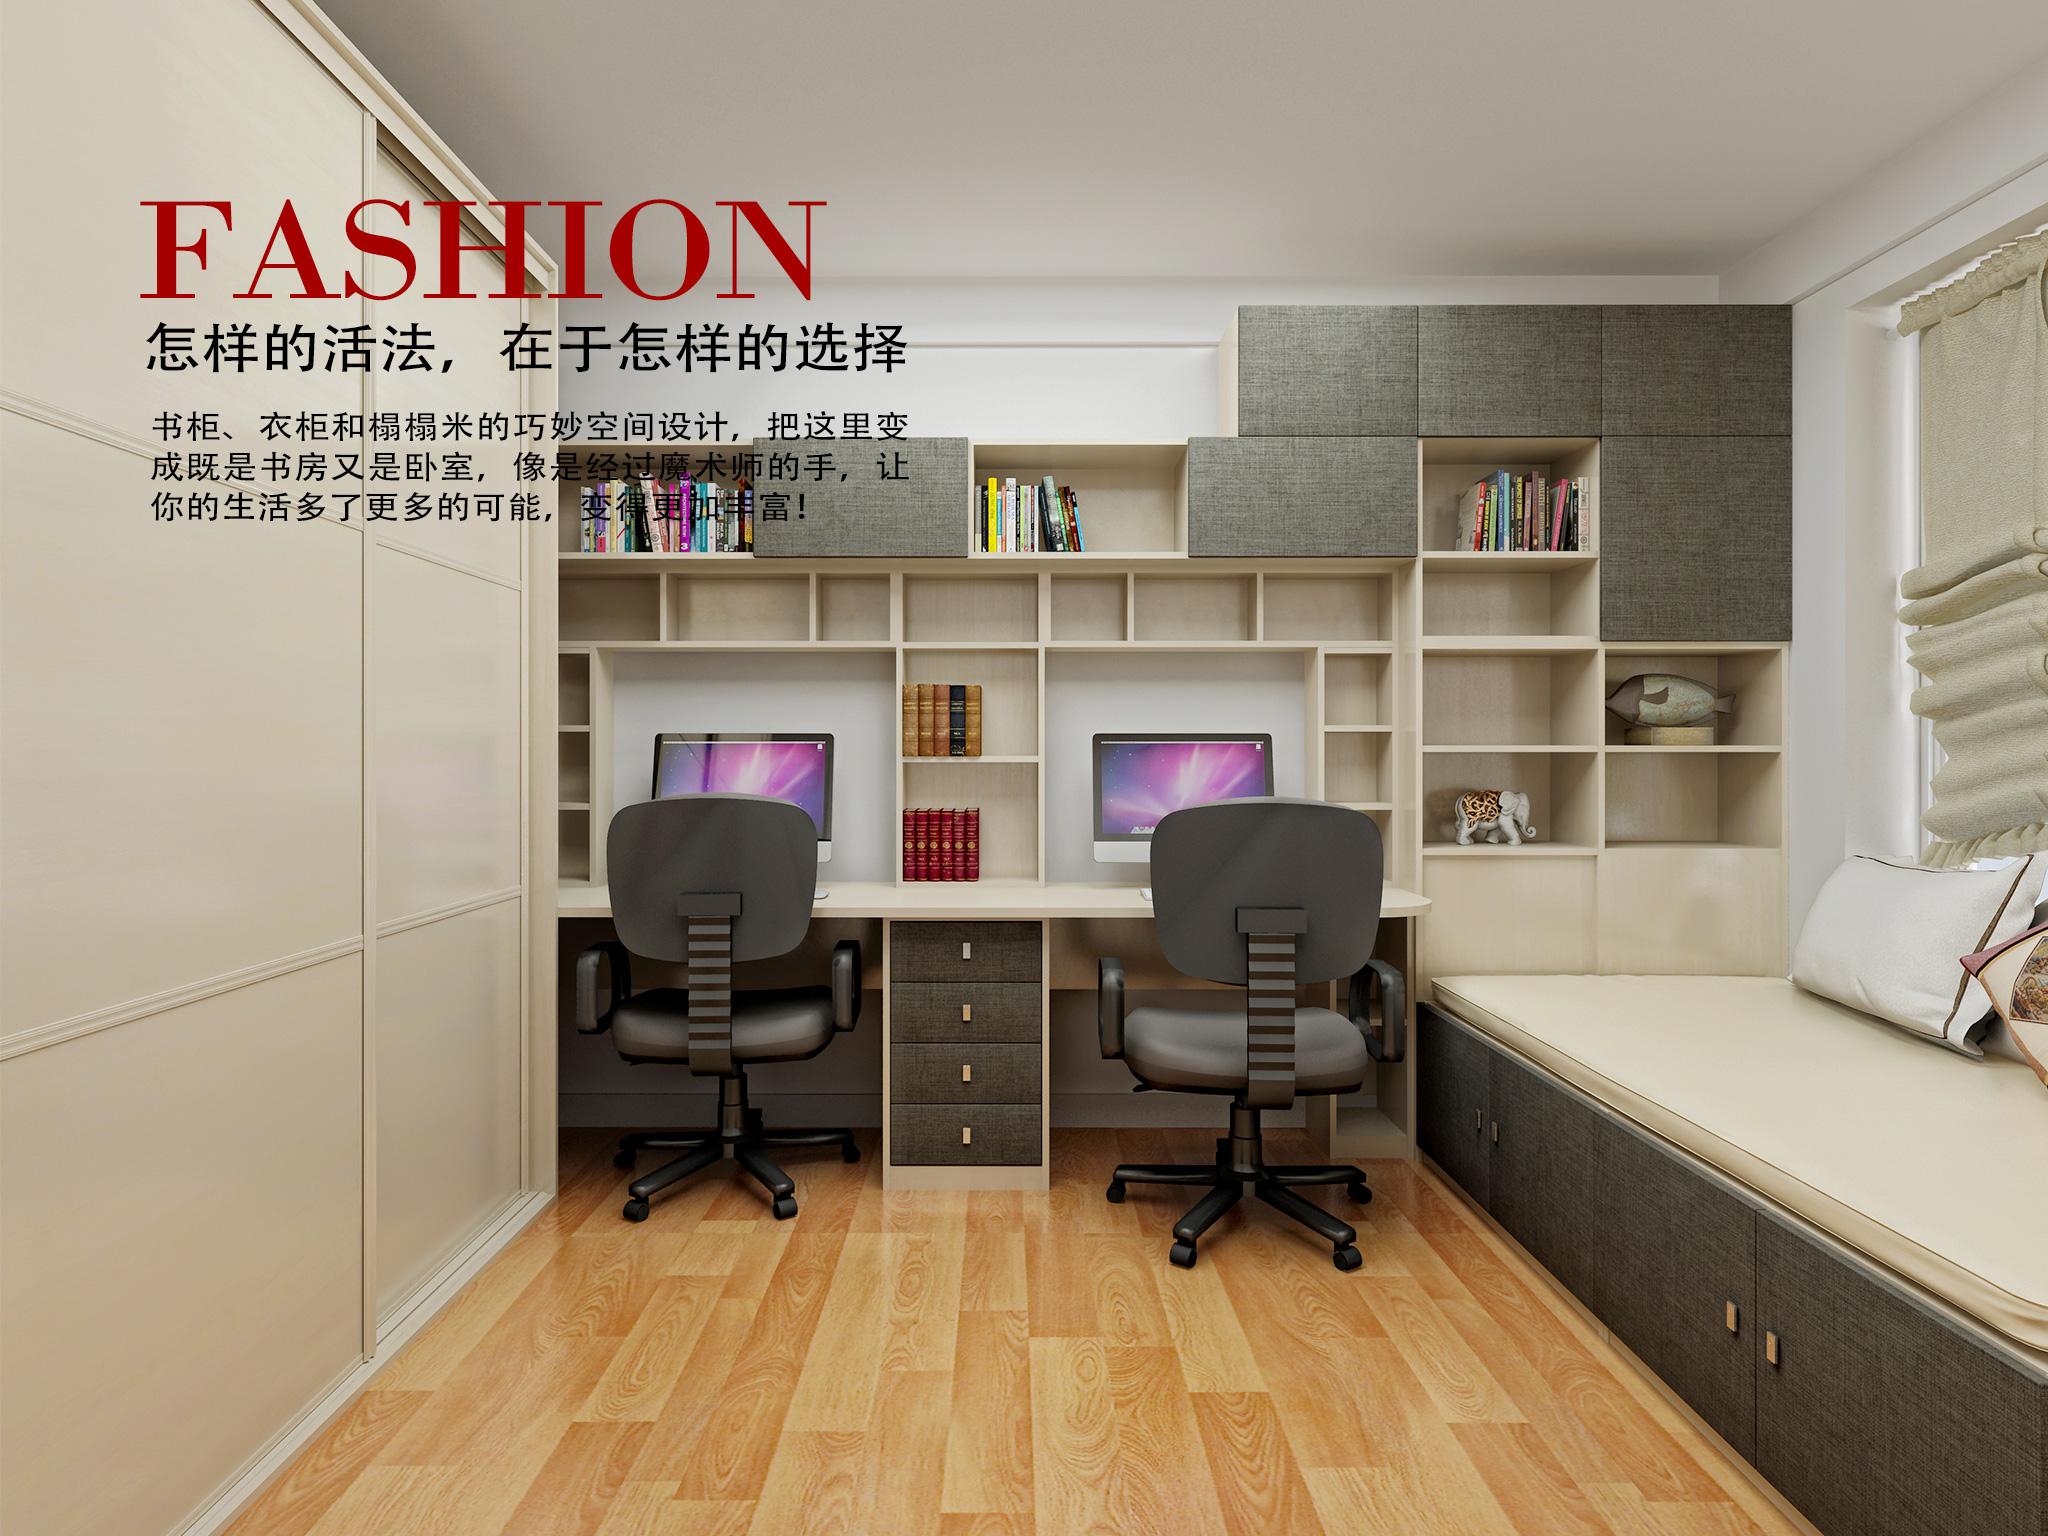 【索菲亚】书柜榻榻米组合家具 书房卧室完美结合 新图片